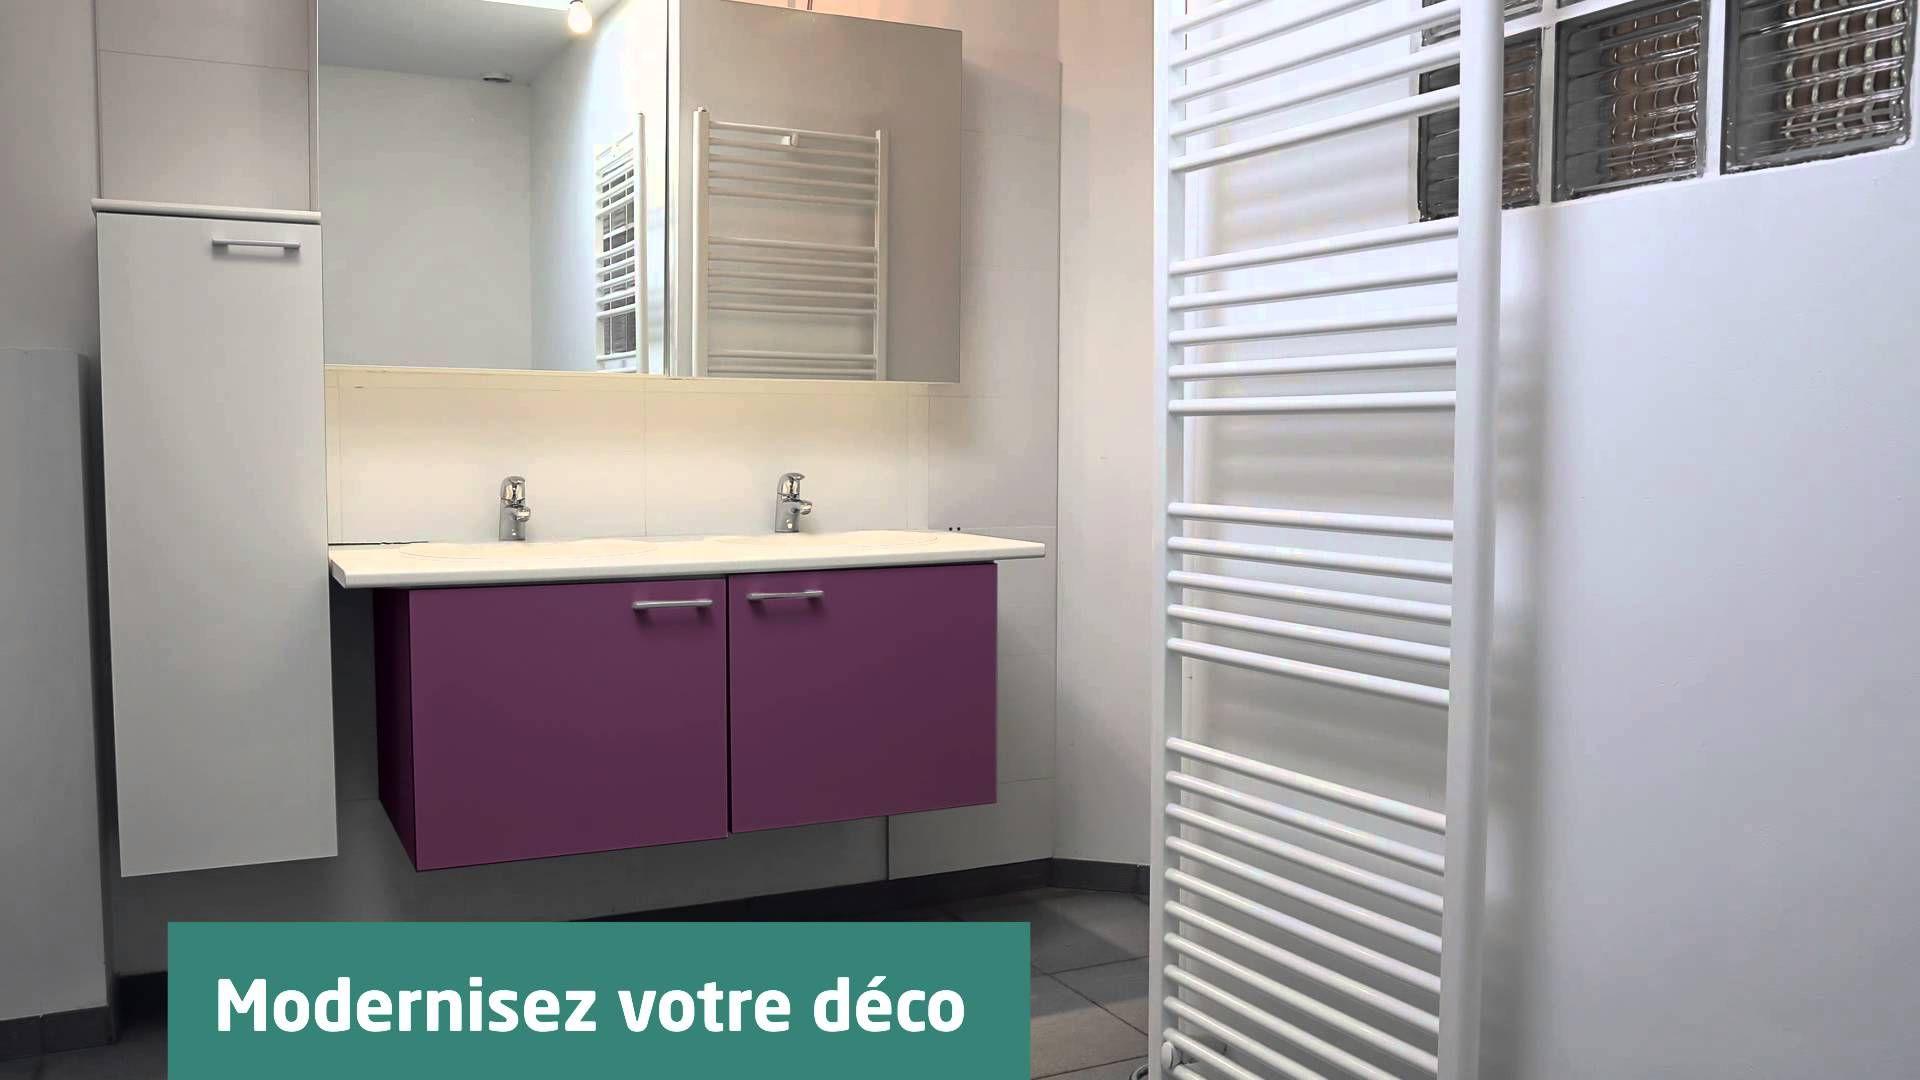 Peintures V33 Deco Lab Projet Salle De Bain Carrelage Salle De Bain Salle De Bain Rose Salle De Bain